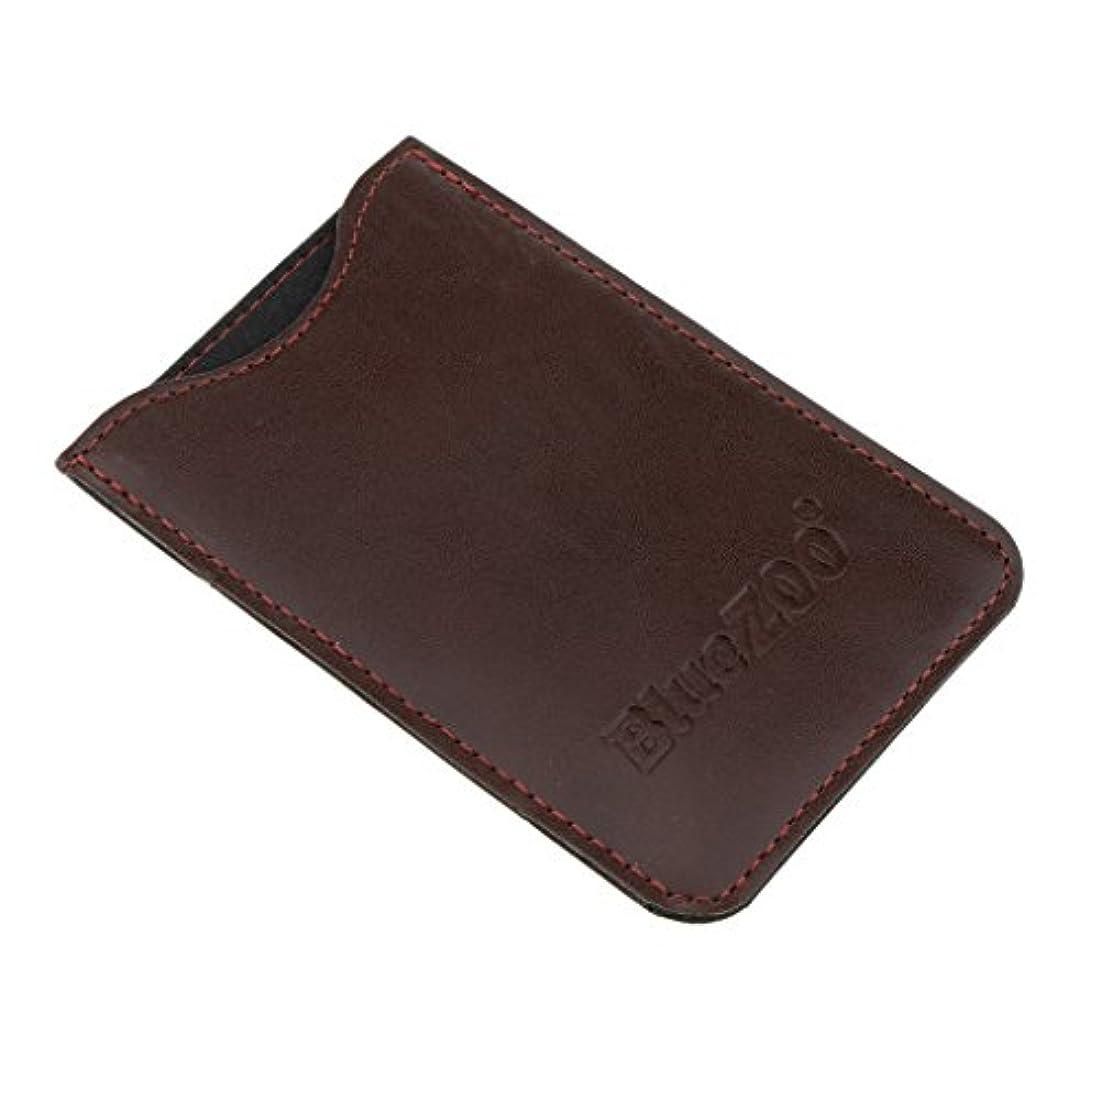 トマトラリーベルモントボルト収納パック 収納ケース 保護カバー 櫛/名刺/IDカード/銀行カード 多機能 高品質 全2色 - 褐色